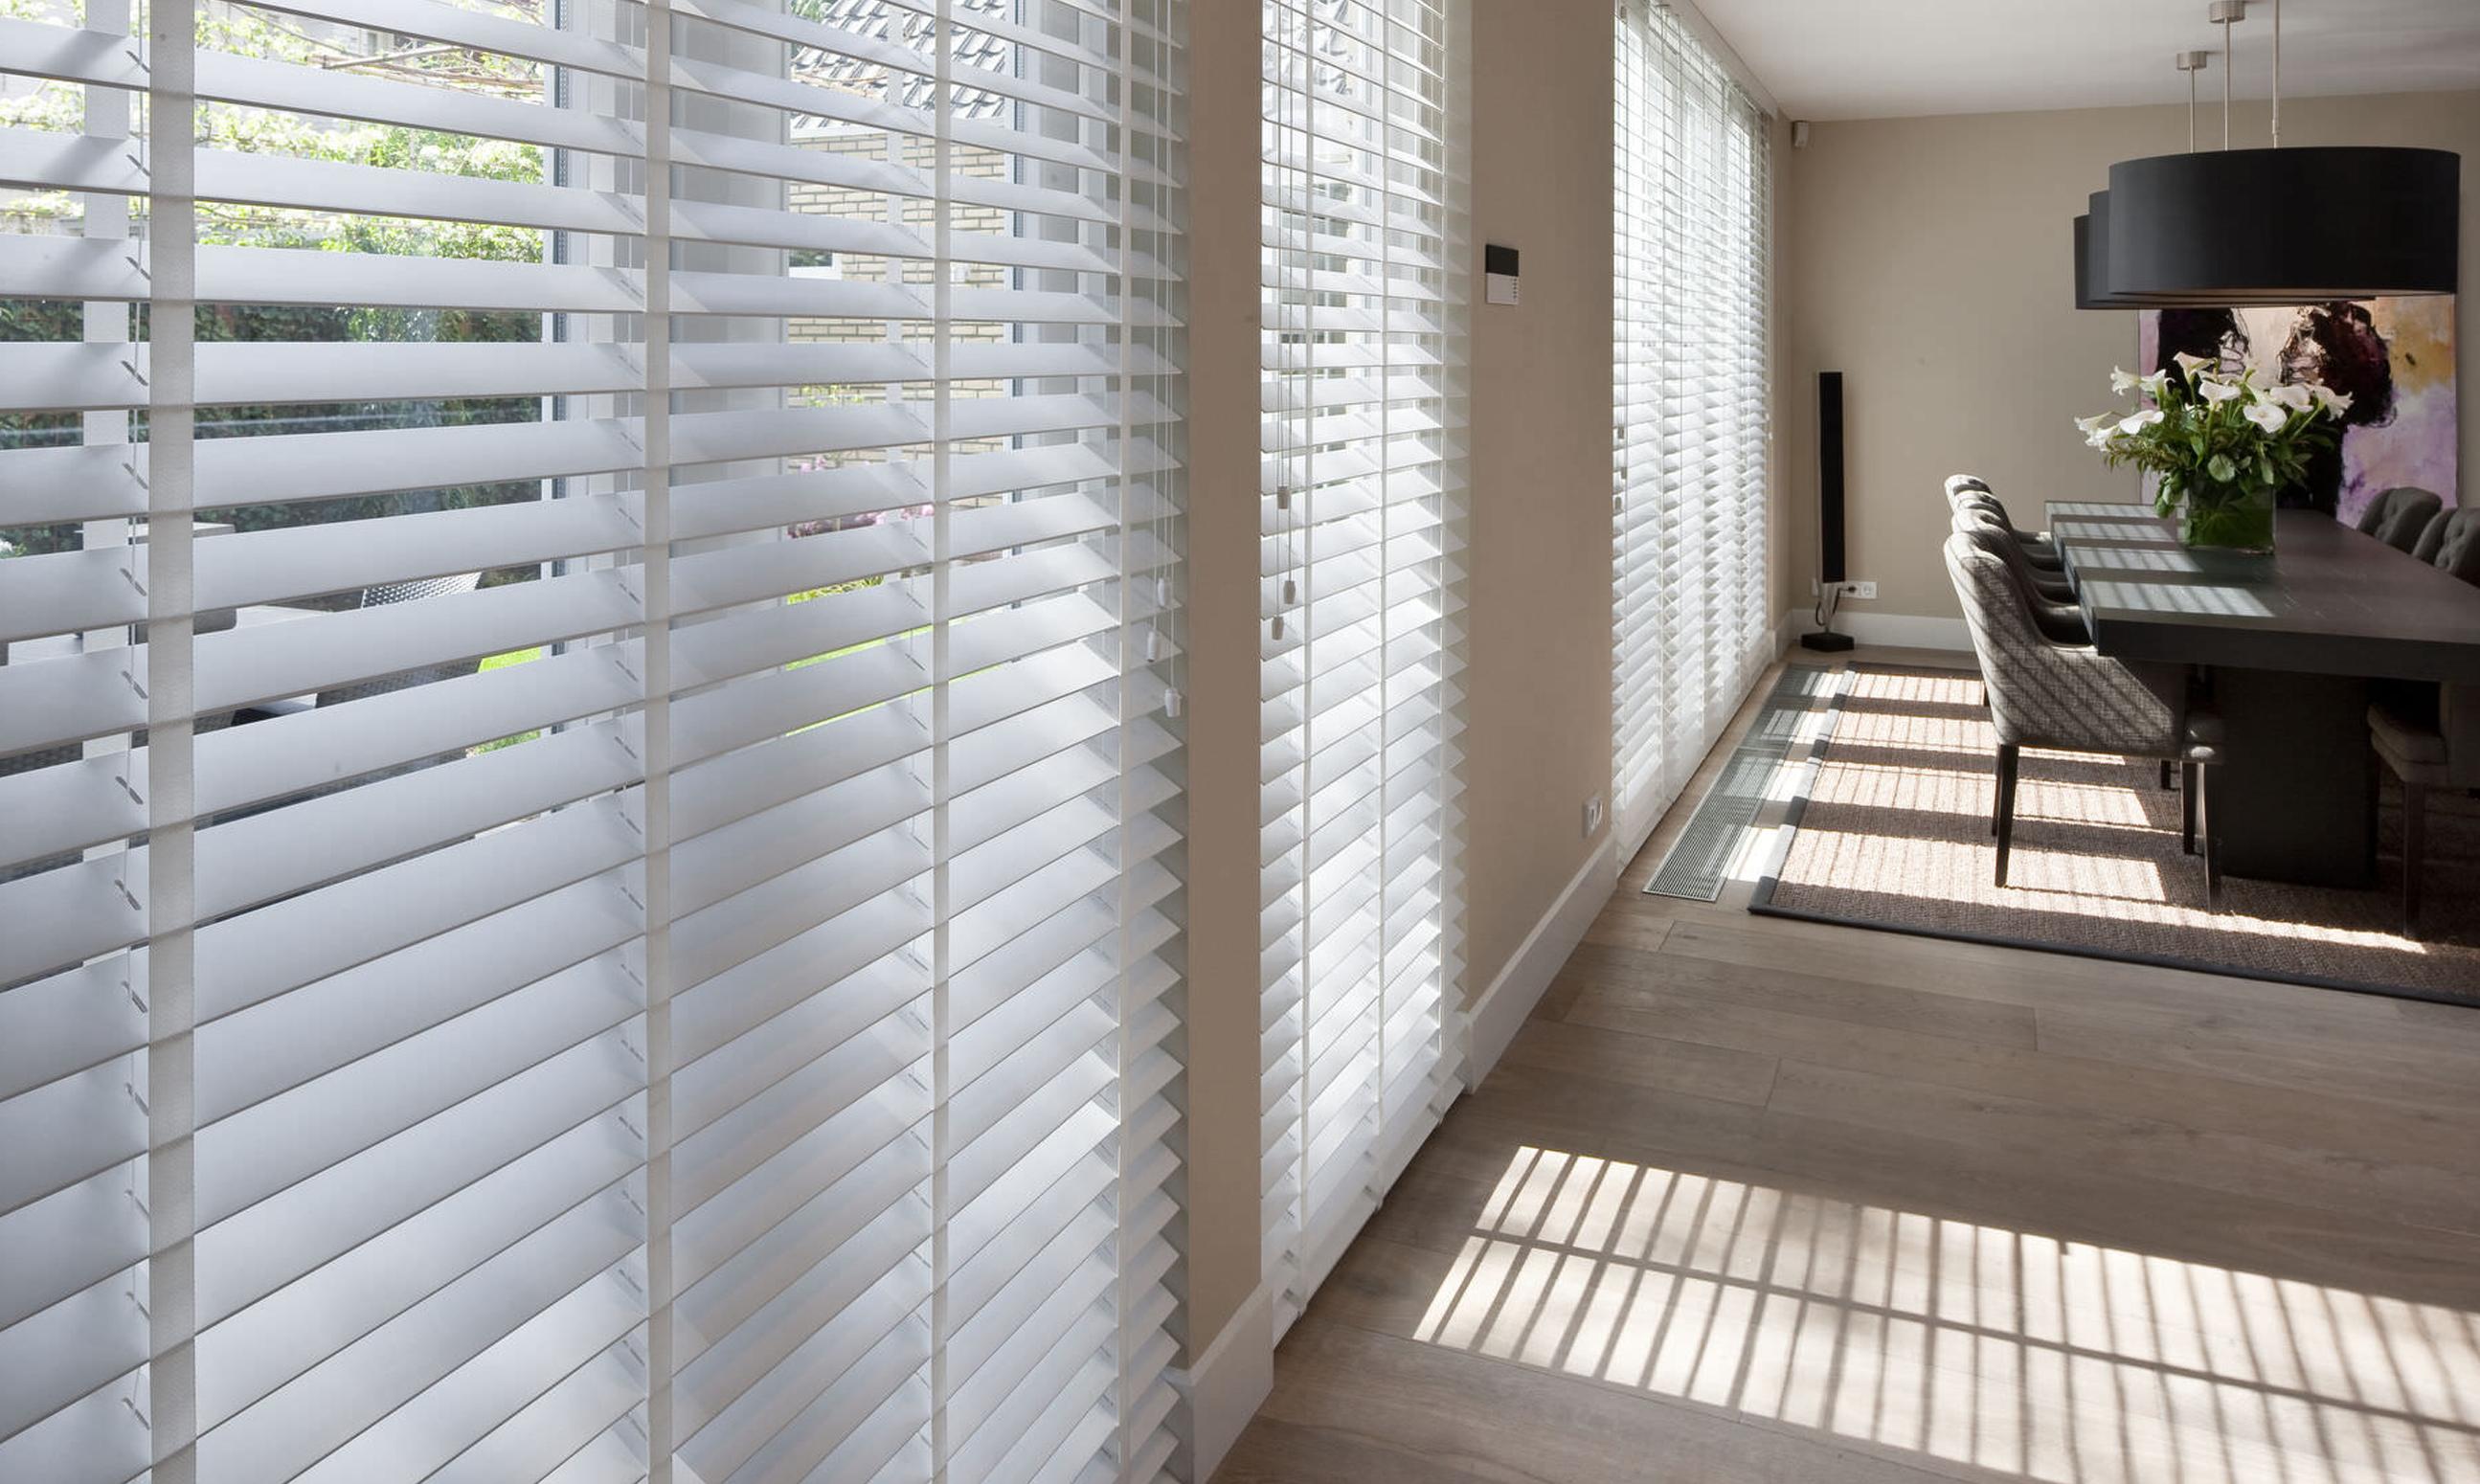 61435-venetian-blinds